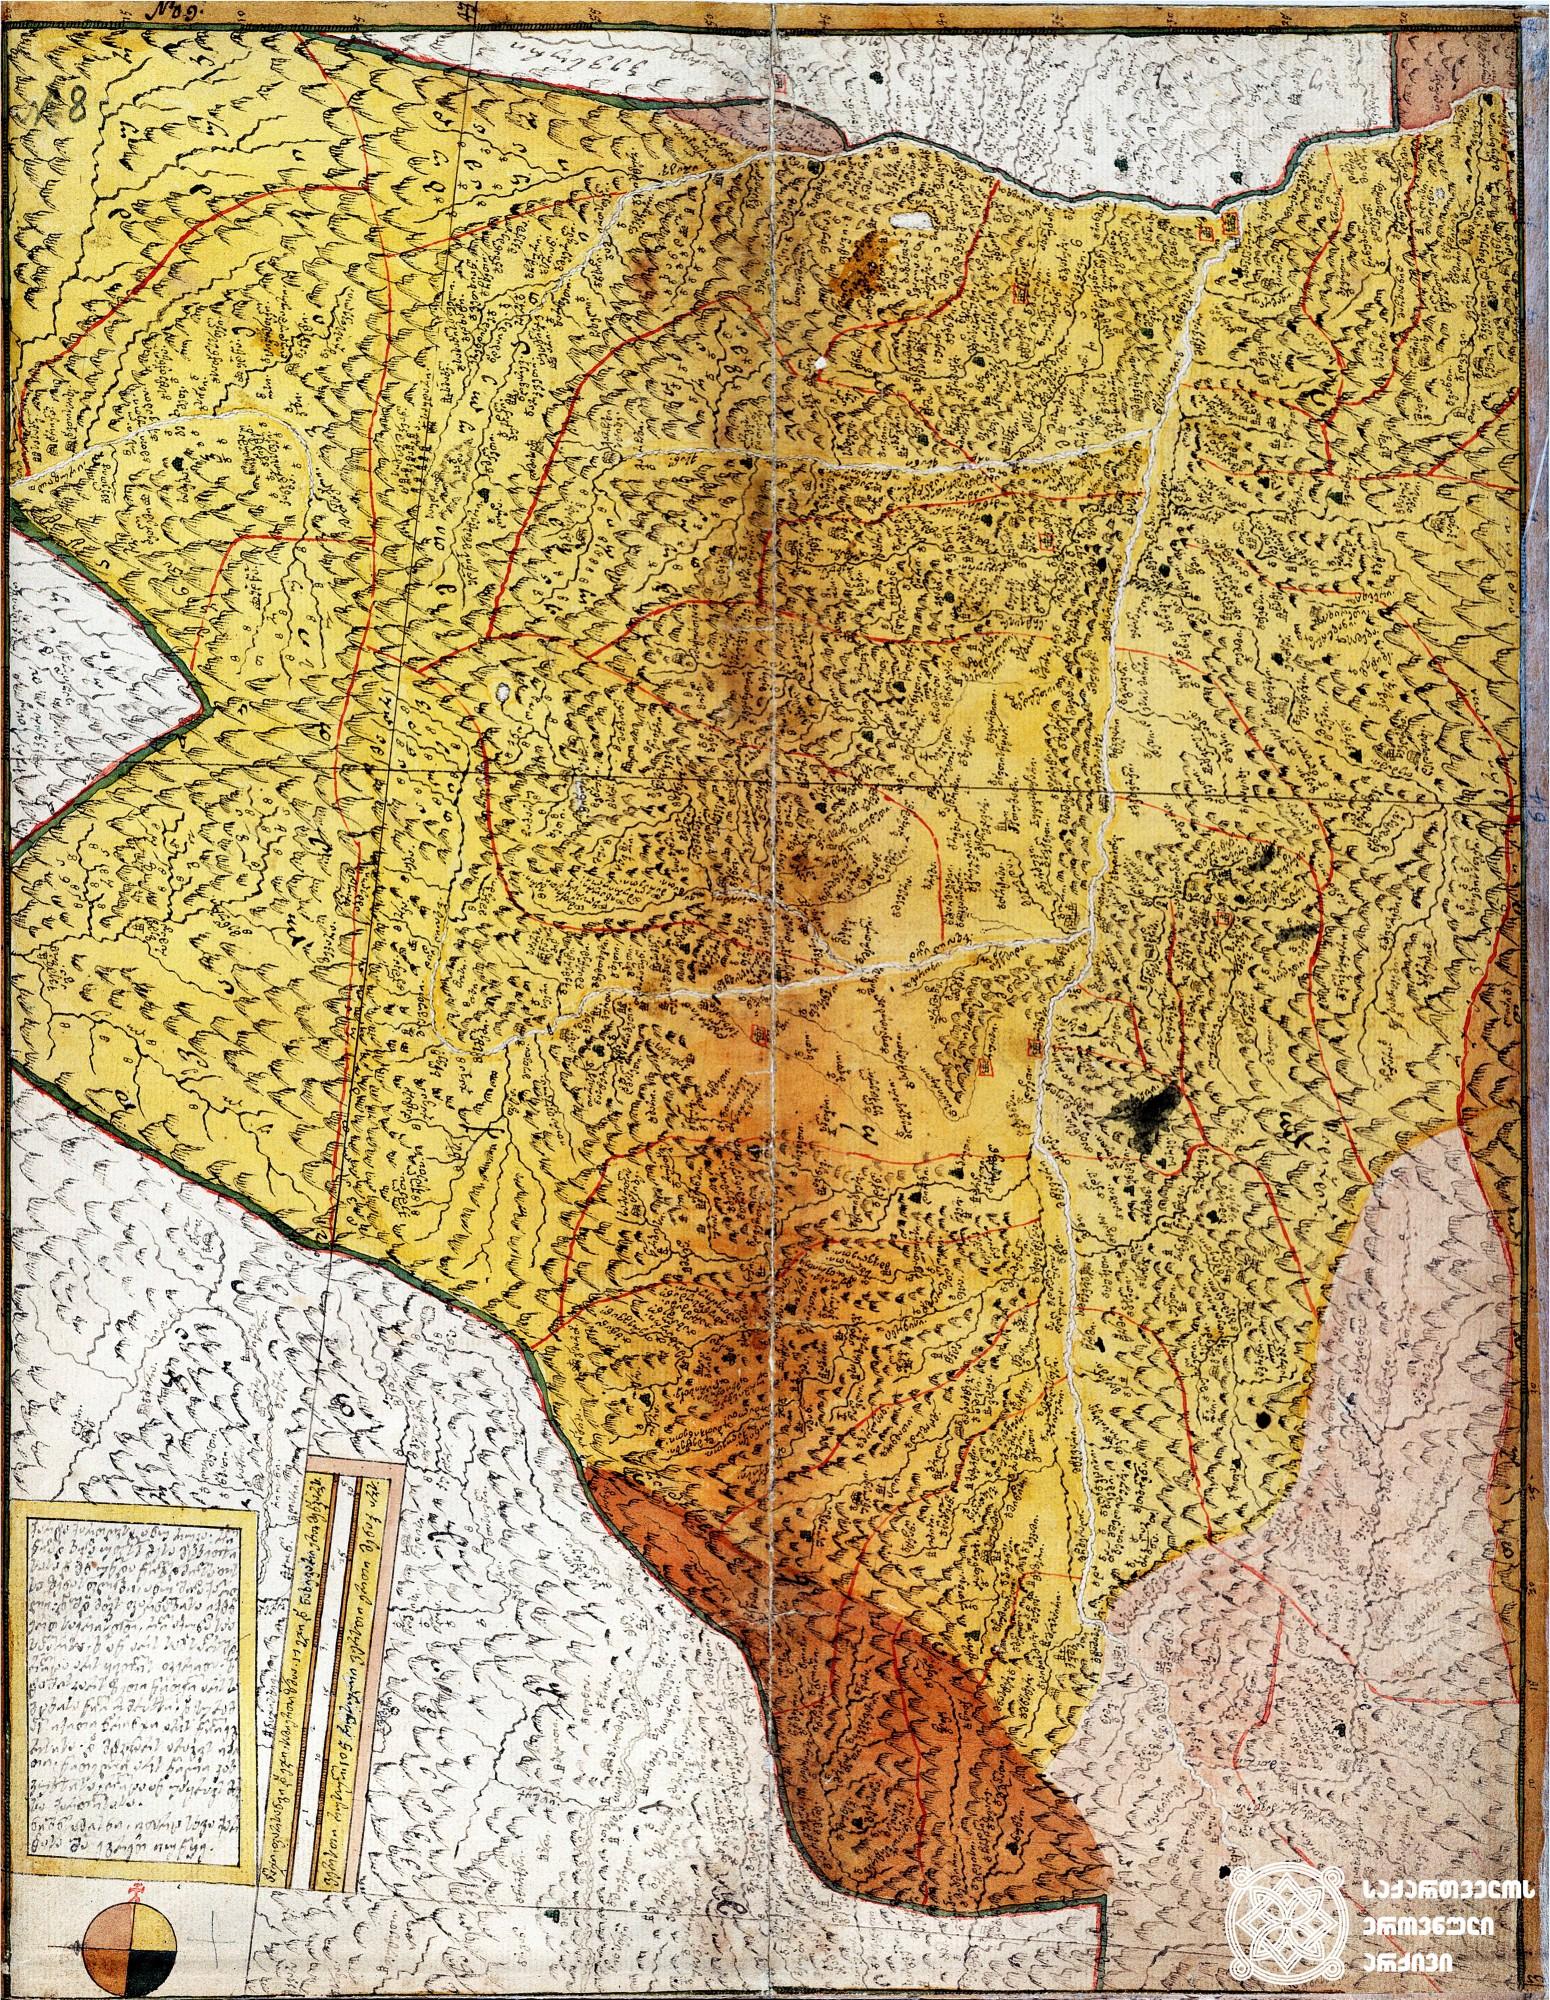 """ვახუშტის ატლასი. <br> ქართლის რუკა <br> Atlas of Vakhushti. <br> The map of Kartli <br> """"ქარტა ქართლისა ანუ რუკა, რომელი წილად ხვდა უფლოსს ძესა მცხეთოისასა და შემდგომან უწოდა წილხდომილსა თვისსა ზენა სოფლები, ანუ შიდა ქართლი: და შემდგომად მეფის ფარნაოზისა იქმნა ერთ საერისთოთ, რომელი აქუნდა სპასალარსა, ხოლო აწ არს სამ სადროშოდ, რომელიცა არს ყვითლის ფერითა, ხოლო ტაშისკარს ზეითი წითელი არს სამცხისა, წილი ოძრახოსი, და სურამალს იქითი ნარინჯი არს წილი ეგროსისა და მტკვარს არაგვს იქითი წითელი არს წილი კახ-კუხოსისა, რომელიცა აწ უპყრავს მეფესა ქართლისასა. ნიშანი ამისნი ვითარცა სხვა ქარტასა შინა ეგრეთ იუწყე""""."""